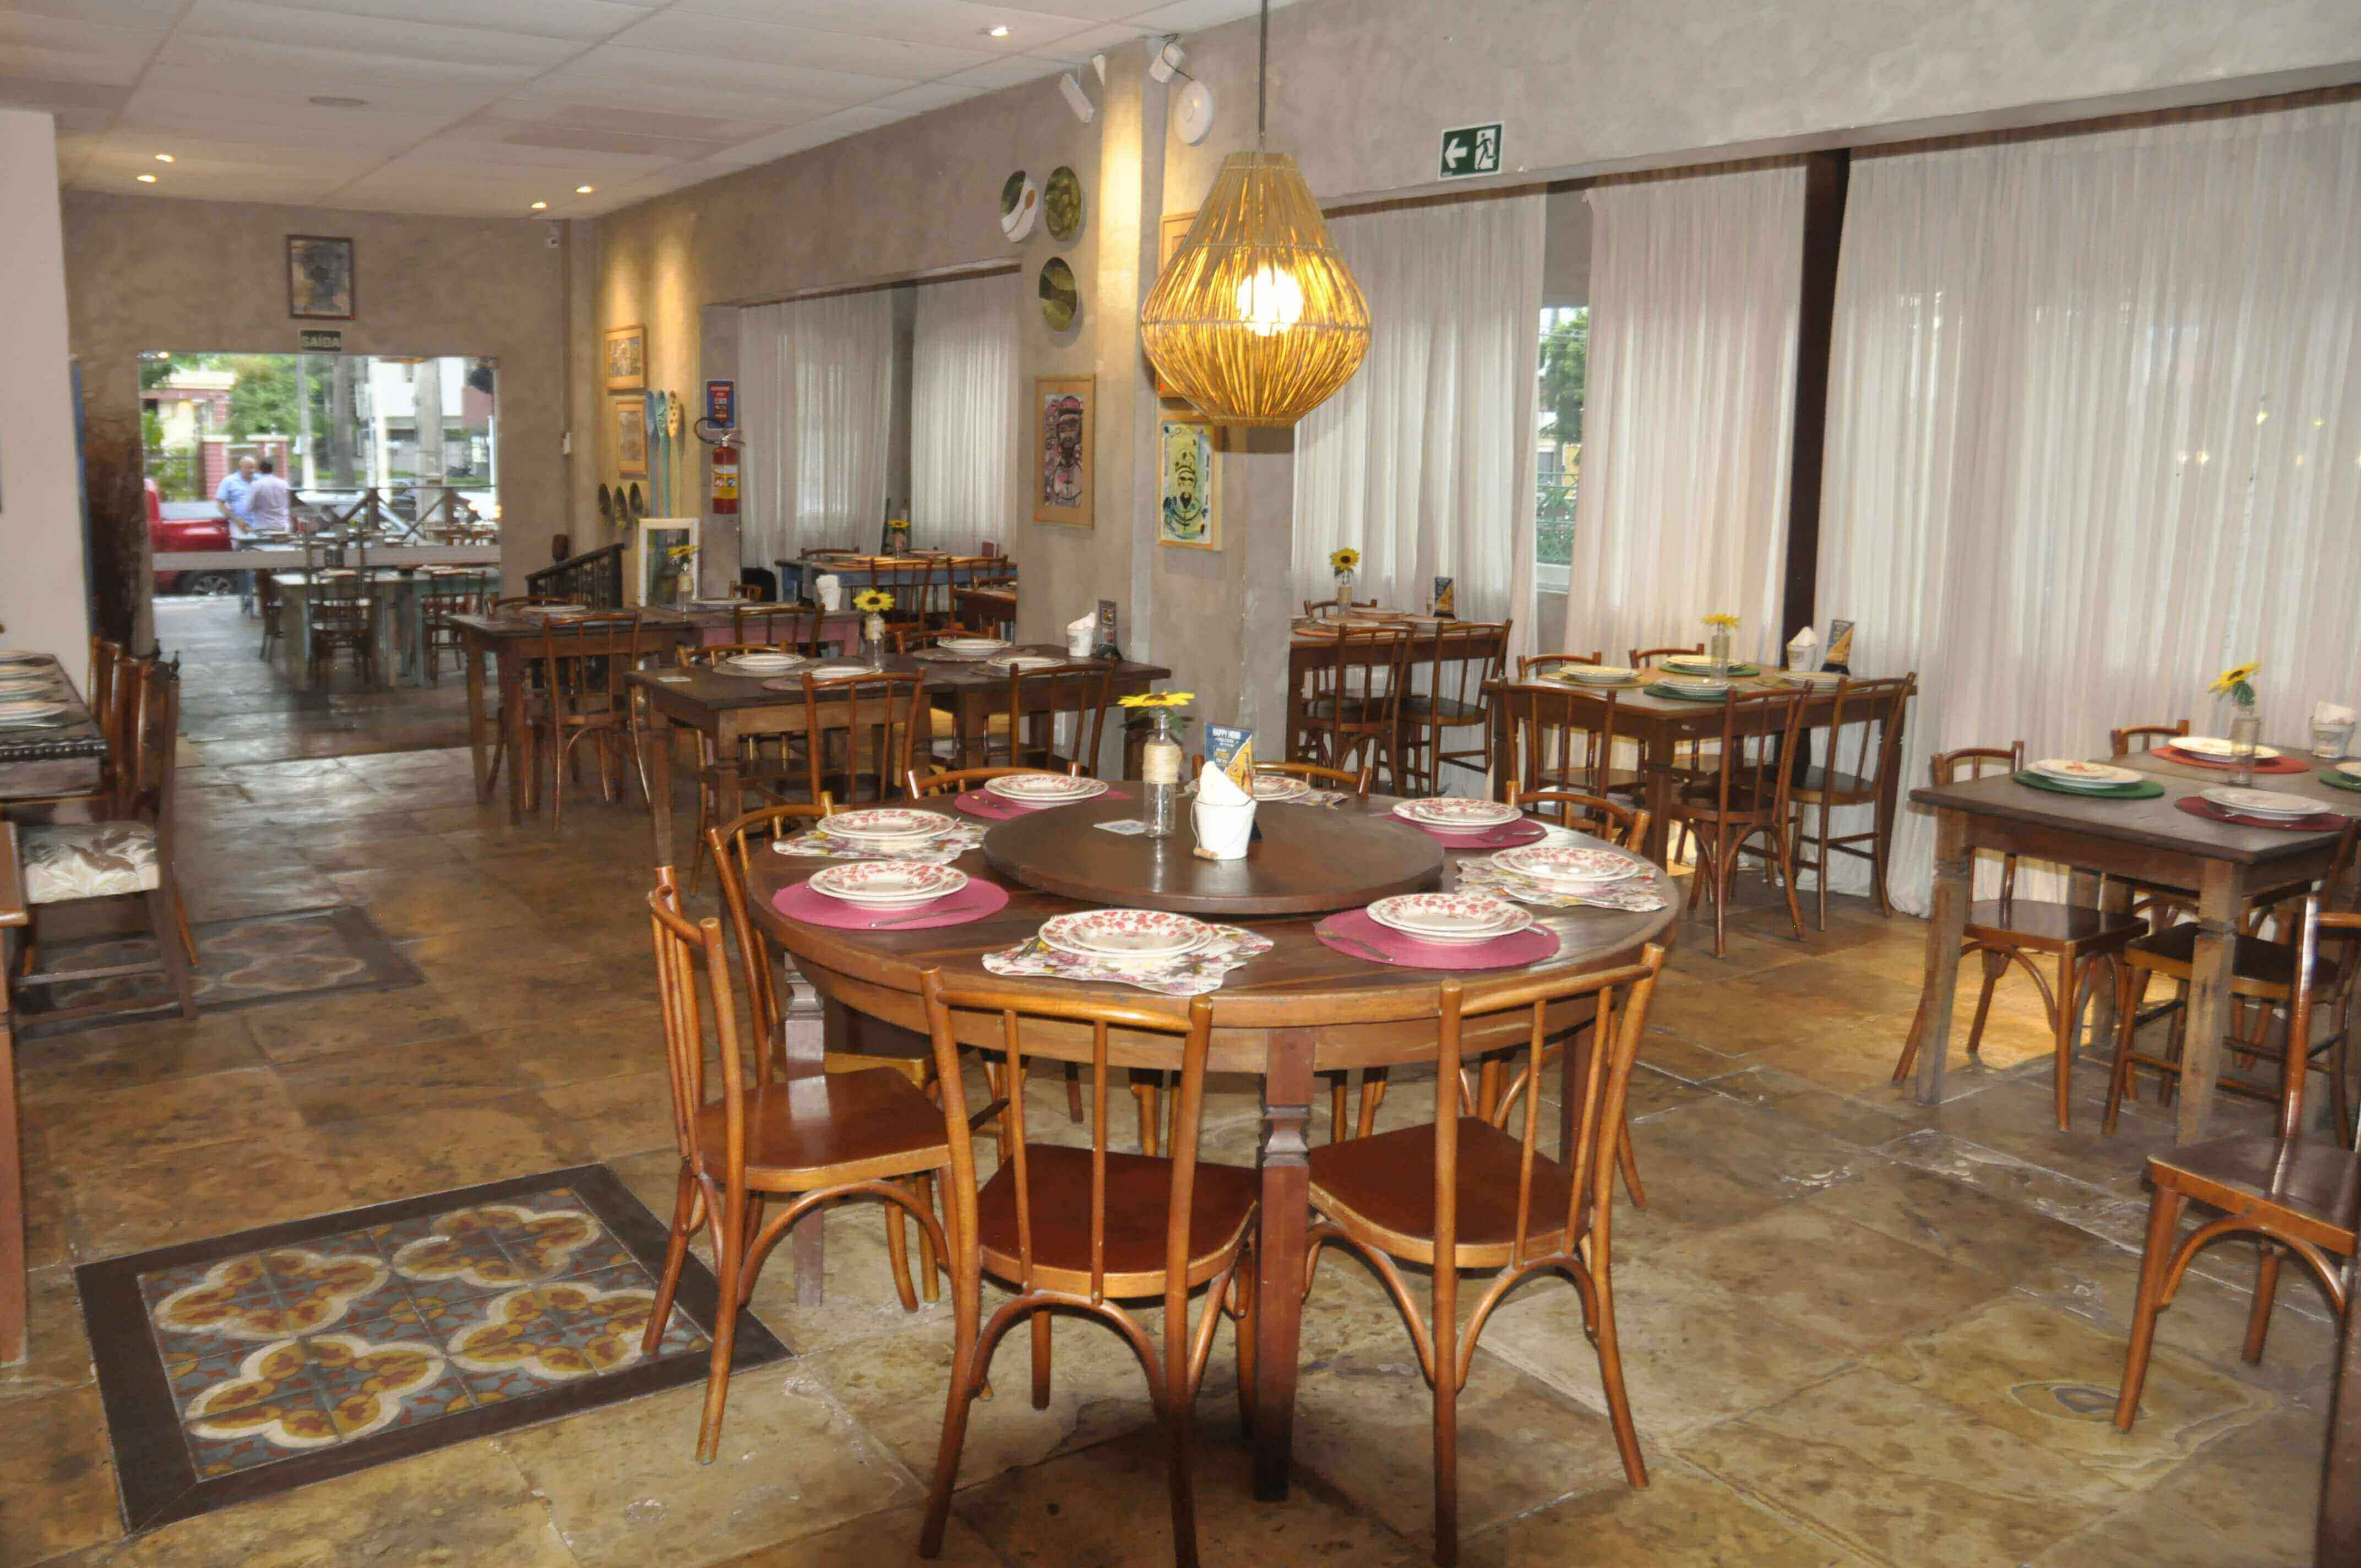 O Almoço de Sábado típico do Brasileiro! Feijoada completa e 2 caipirinhas de limão para 2 pessoas de R$71,70 por apenas R$39,90 no Colher Mar & Sertão